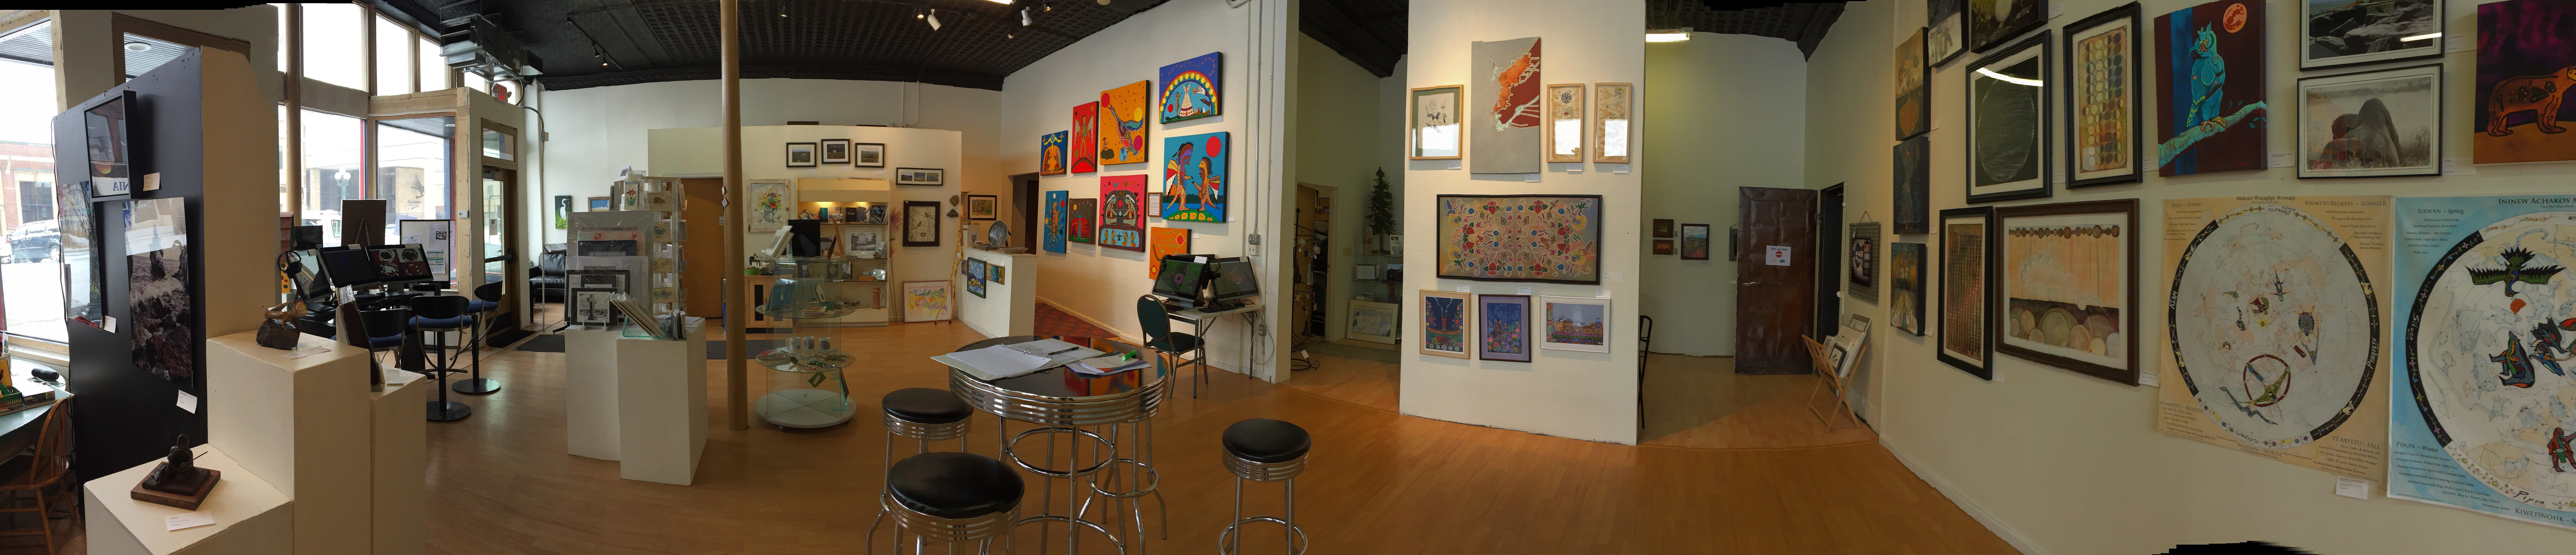 First Stage Gallery, 510 Chestnut Street, Virginia, MN